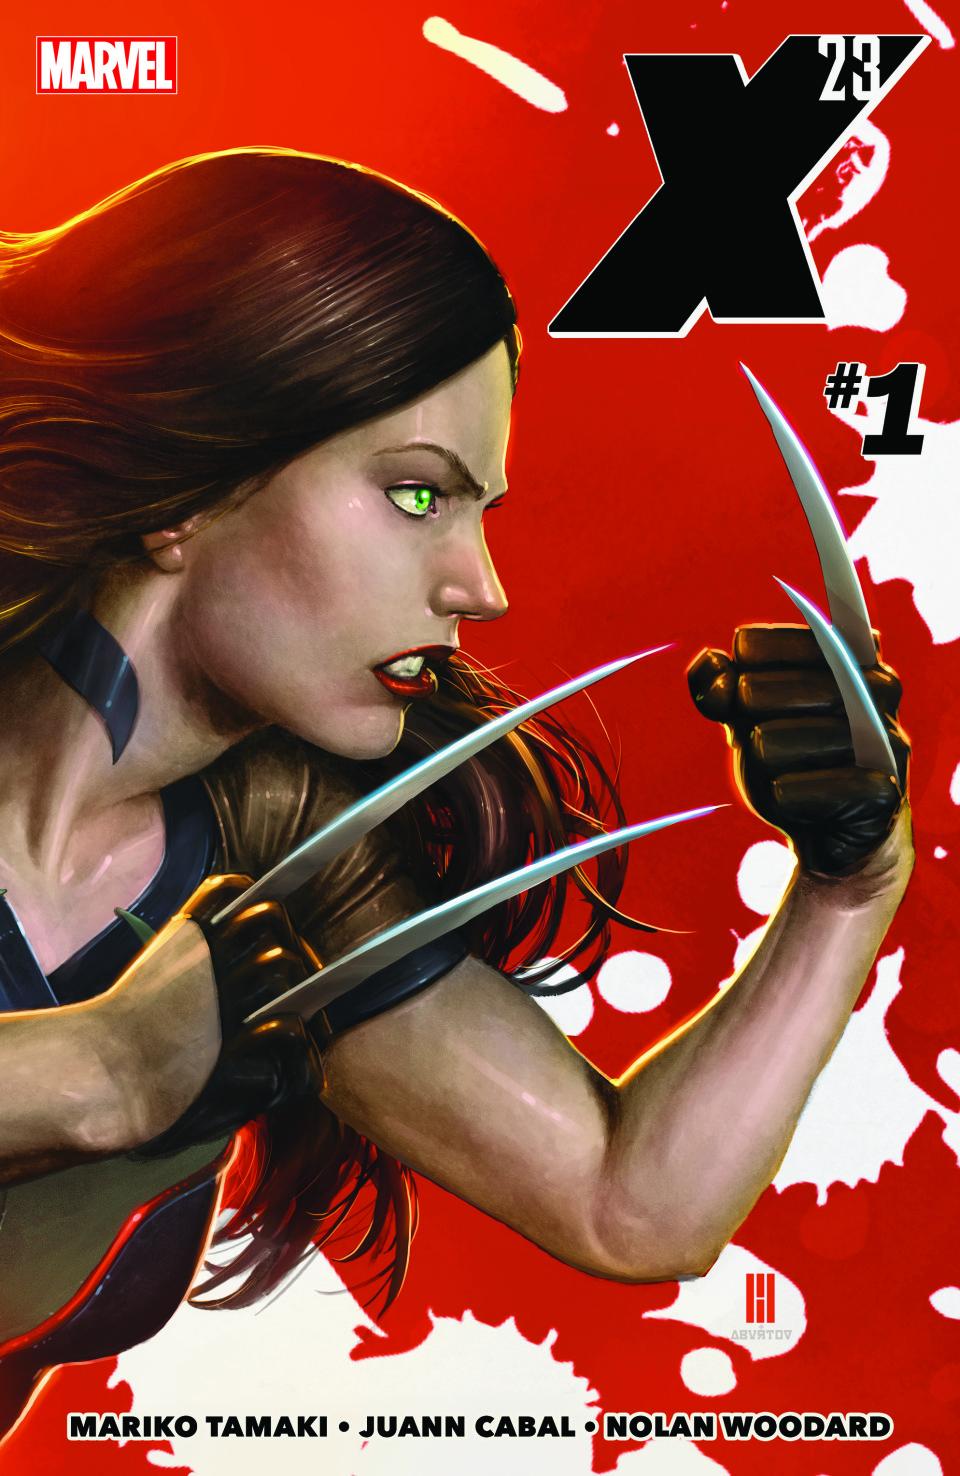 Marvel Announces New X-23 Series - Bounding Into Comics X 23 Marvel